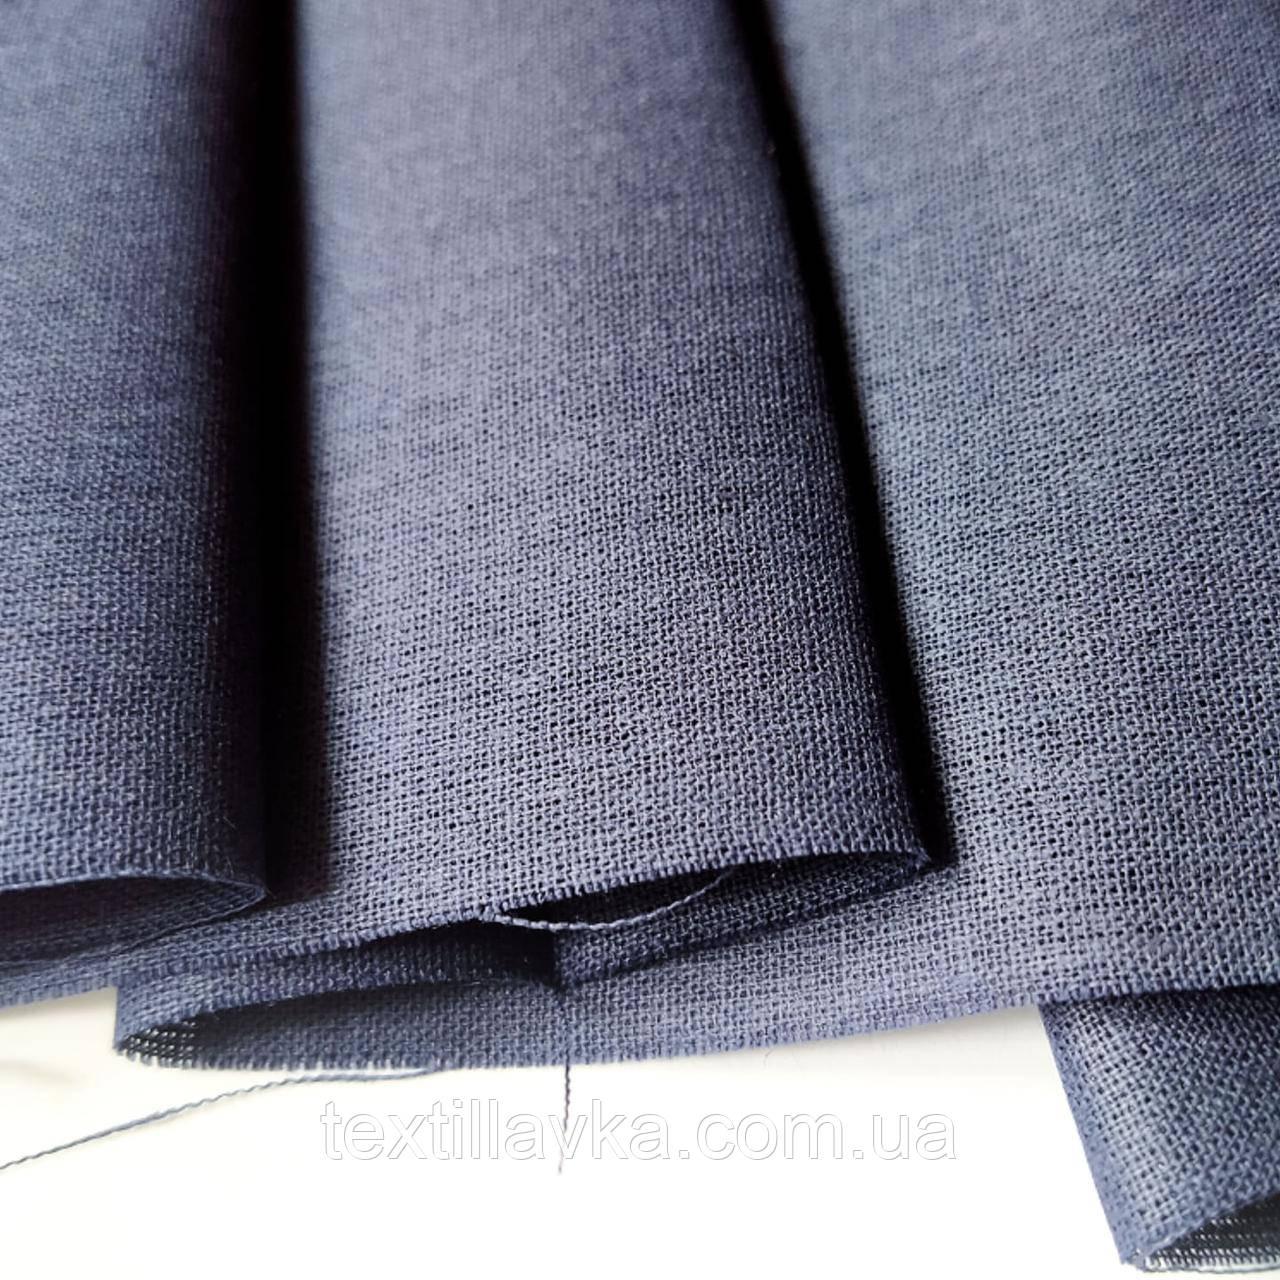 Тканина бавовна для рукоділля темно-синя